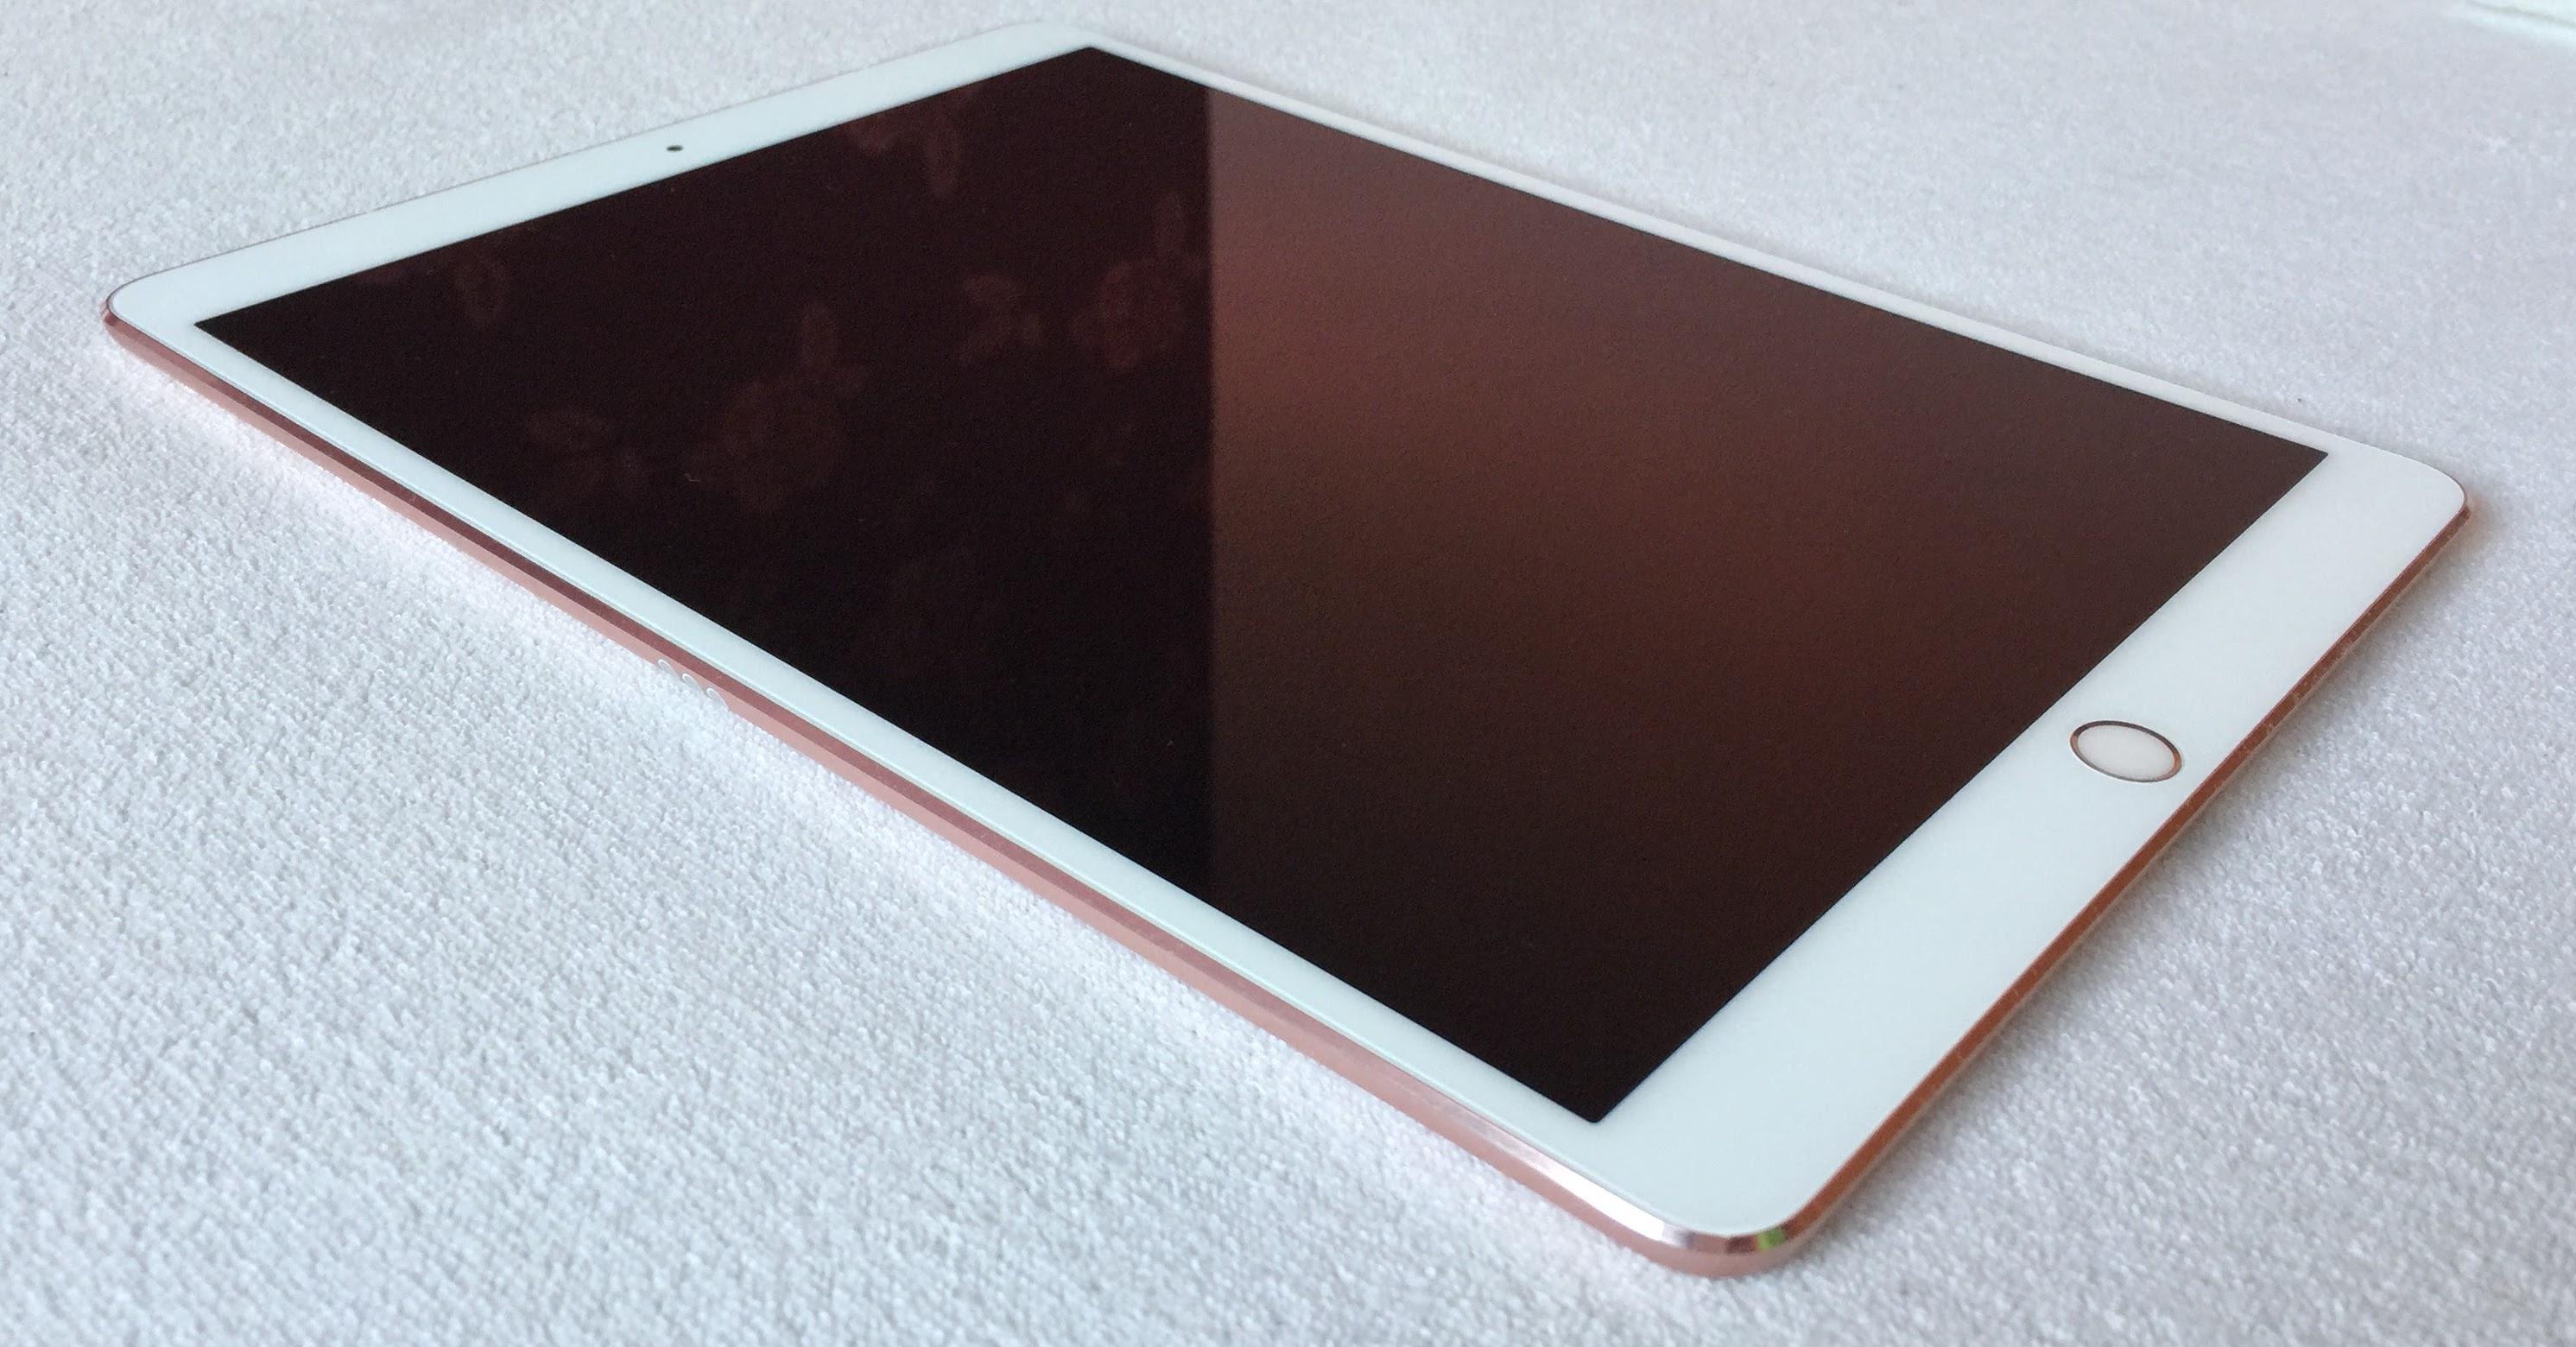 Nuevo iPad de 10,5 pulgadas